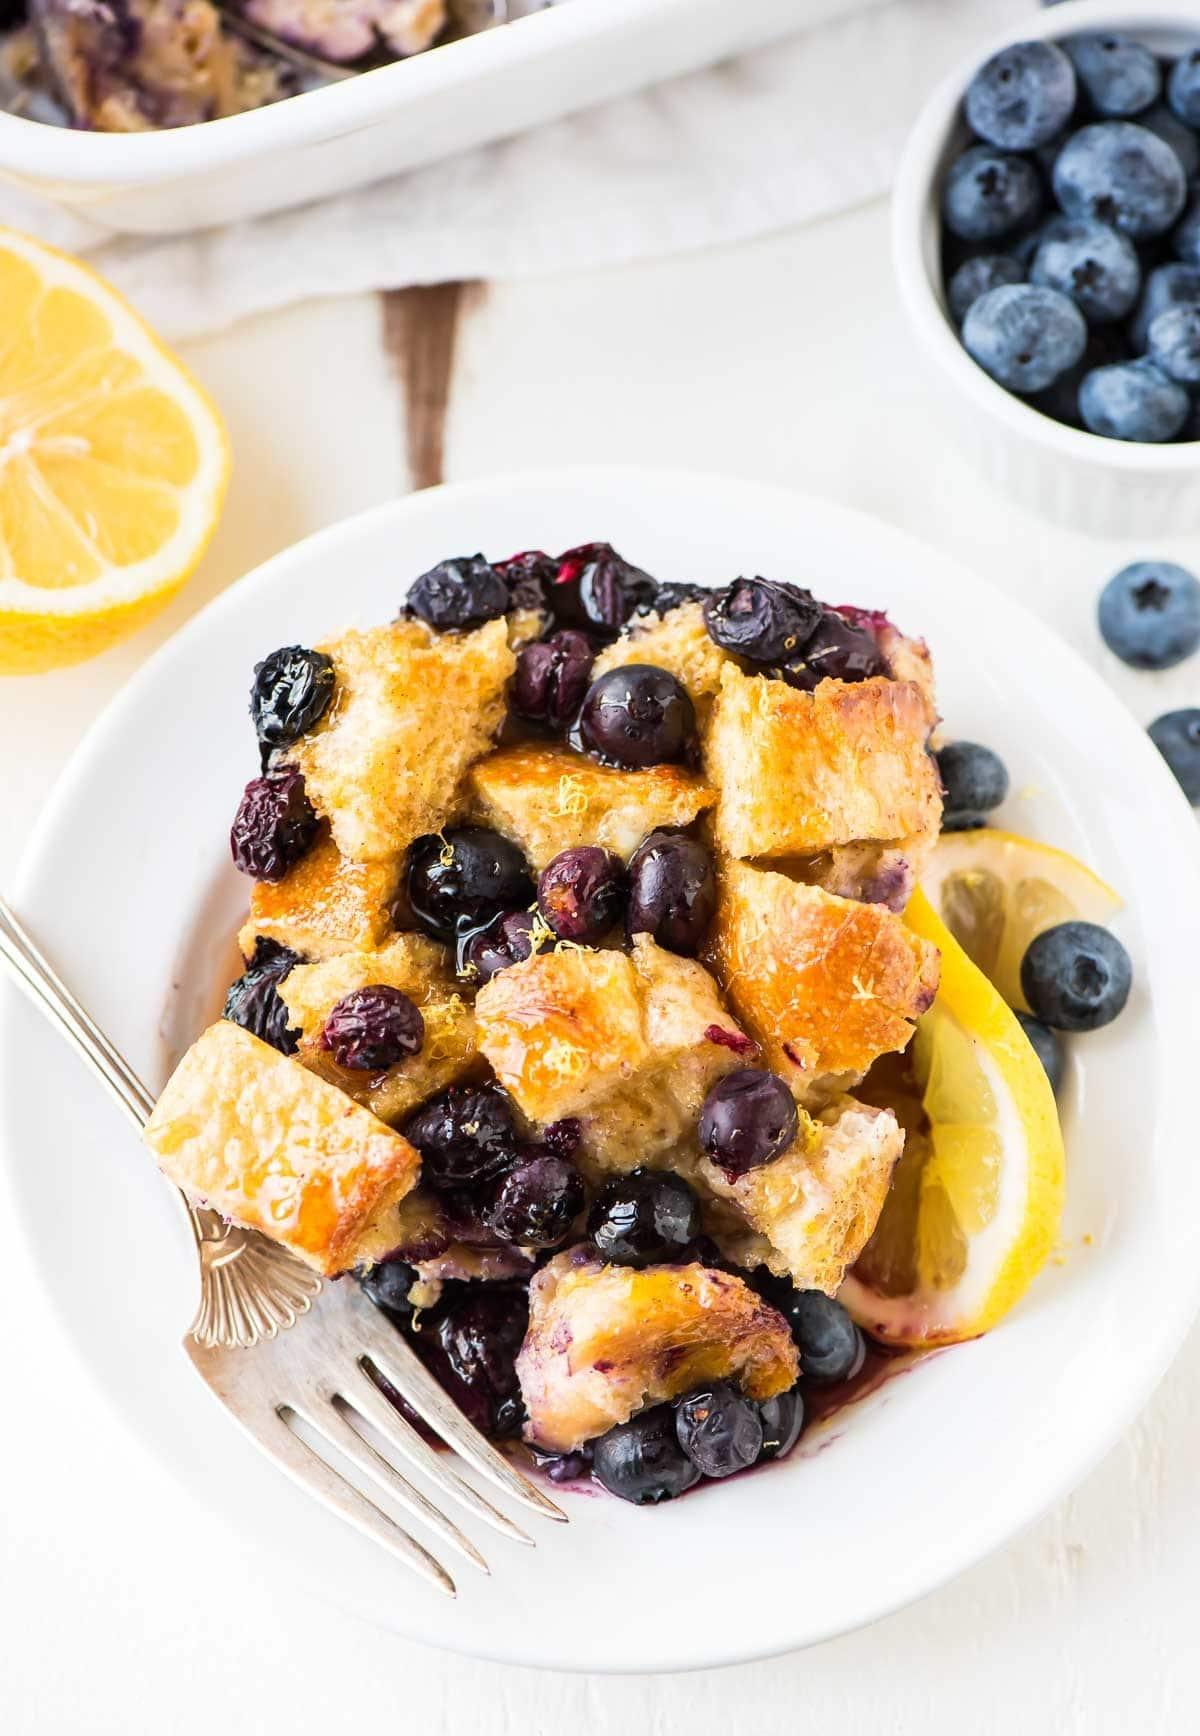 lente recepten - gezonde recepten - gezonde gerechten - lichte maaltijden